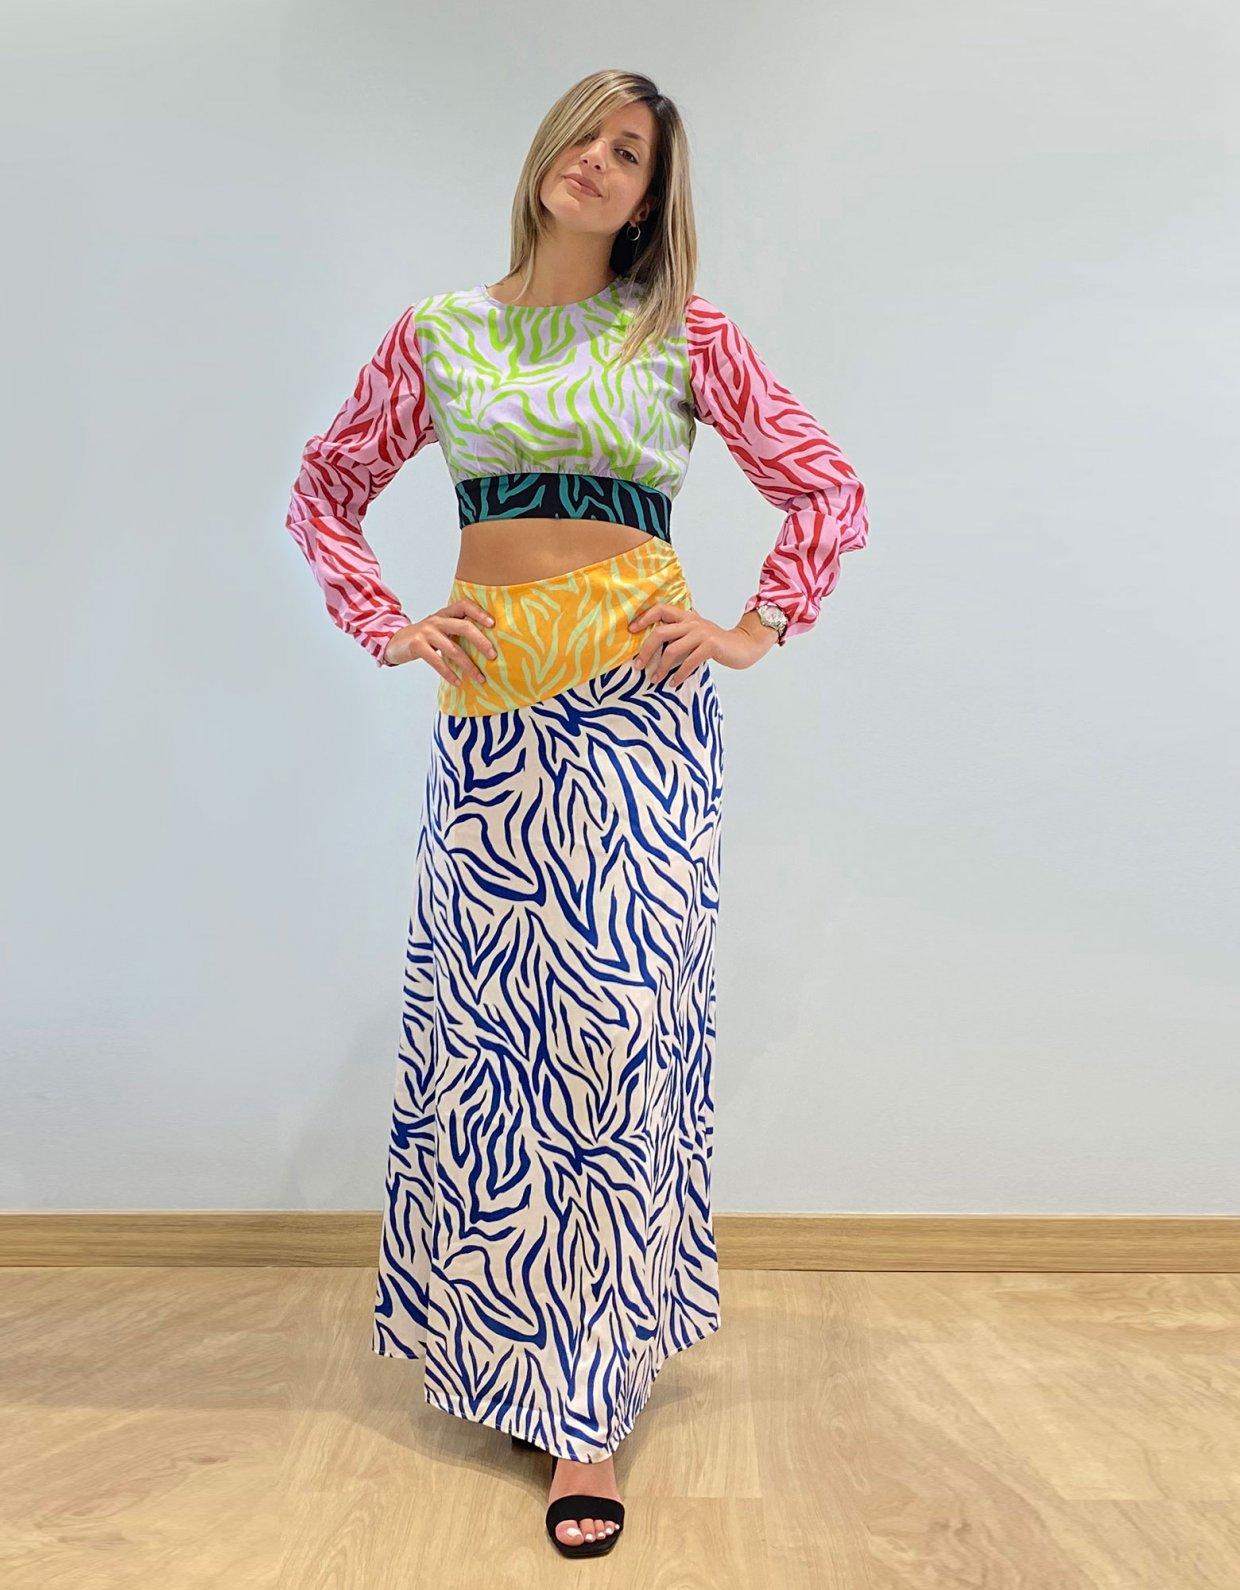 Kendall + Kylie Funky zebra dress